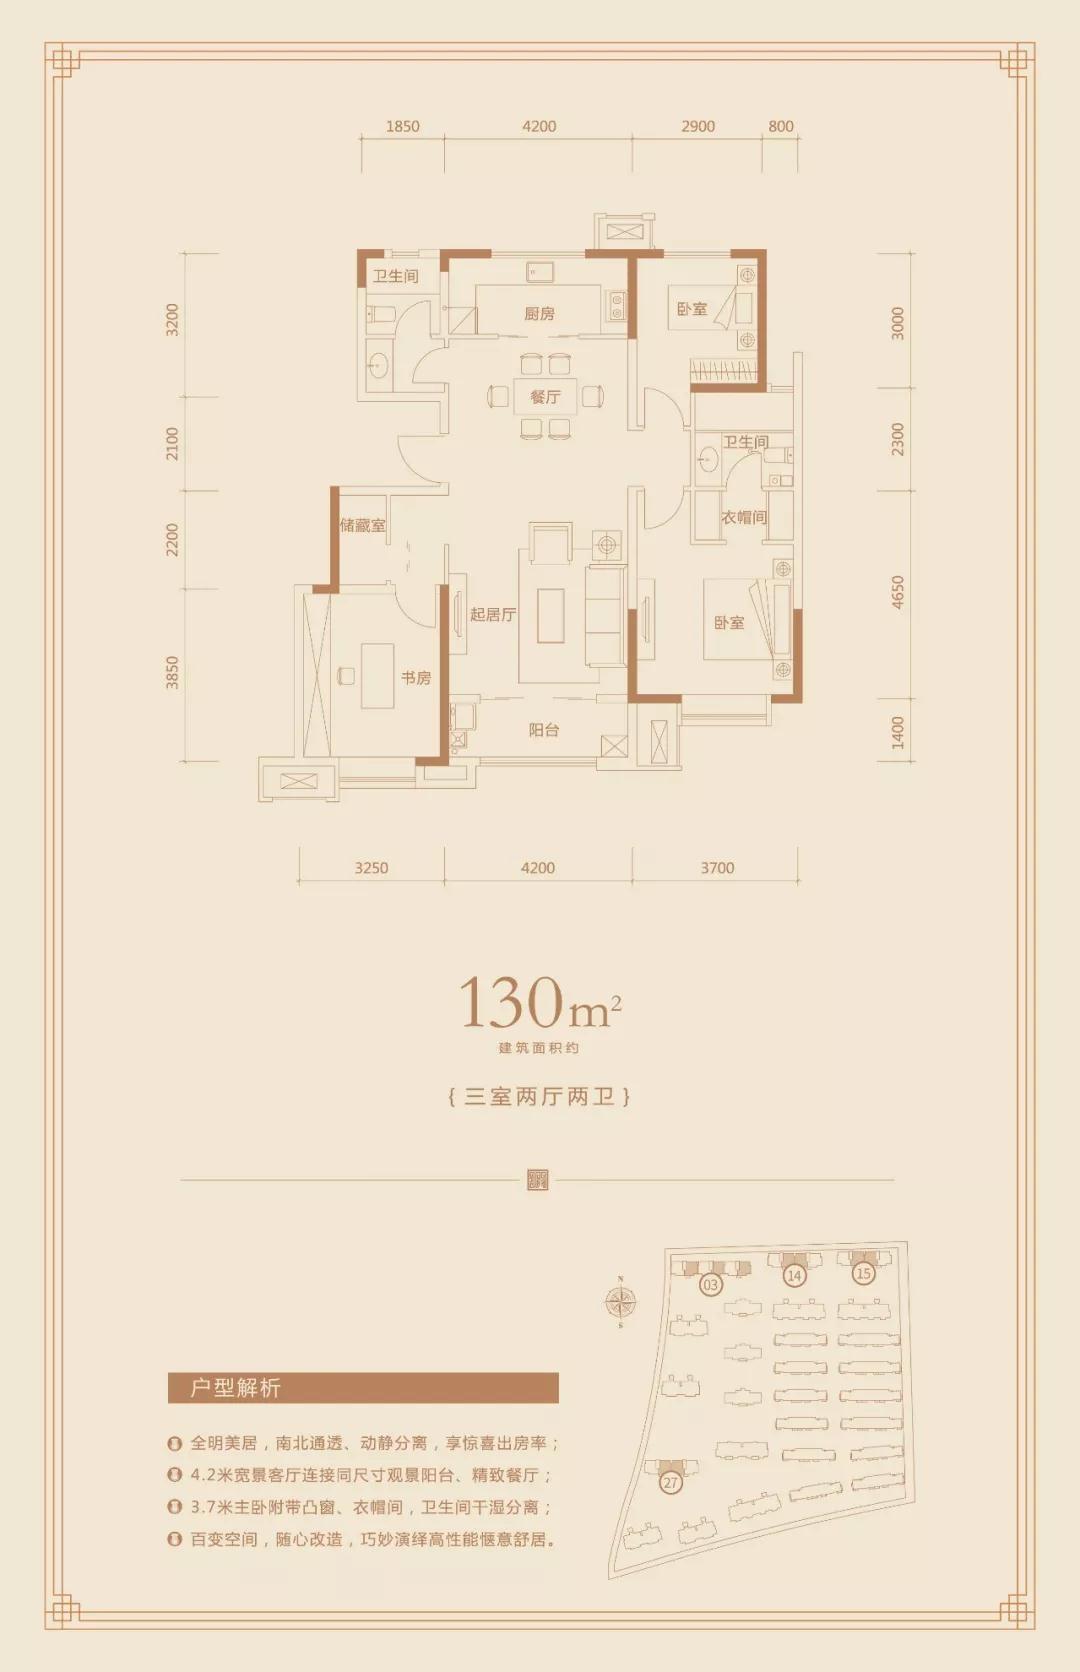 洋房D'户型 三室两厅两卫130平米